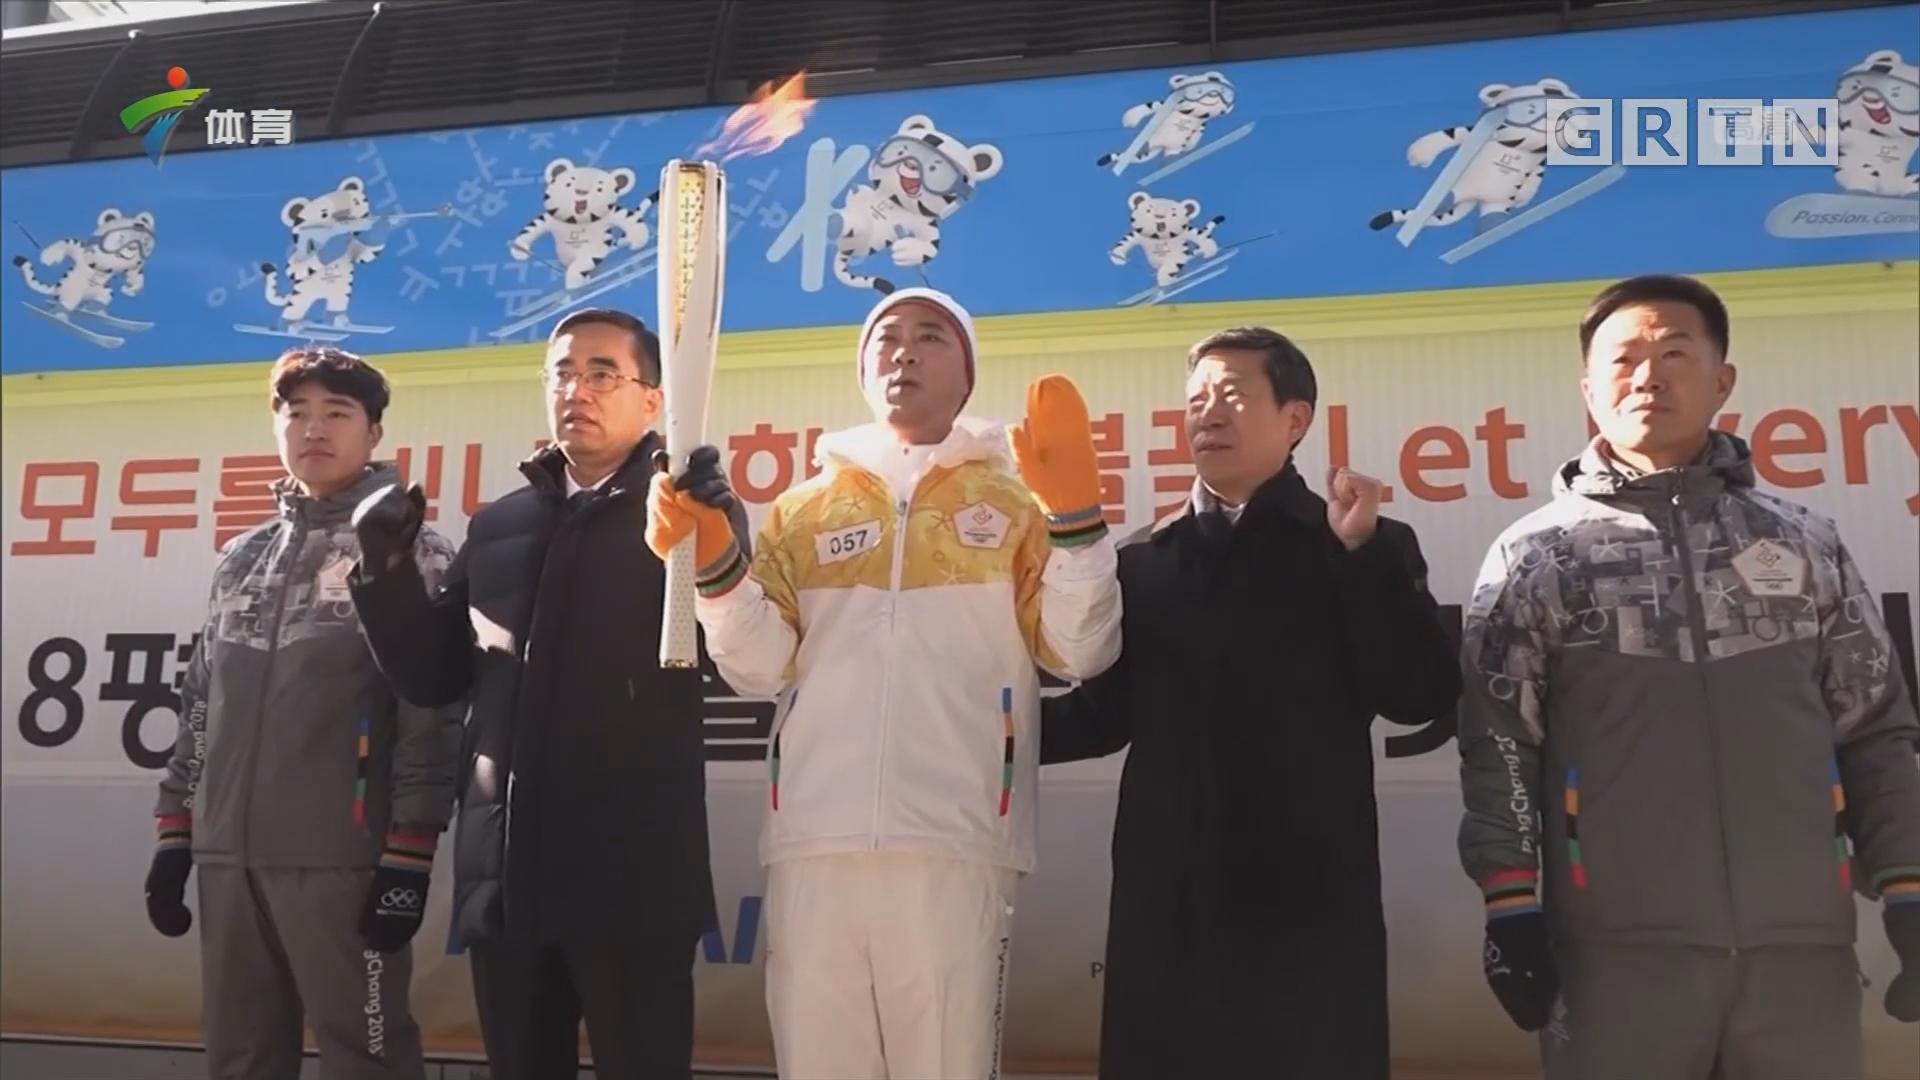 平昌冬奥会火炬开始清州站传递仪式